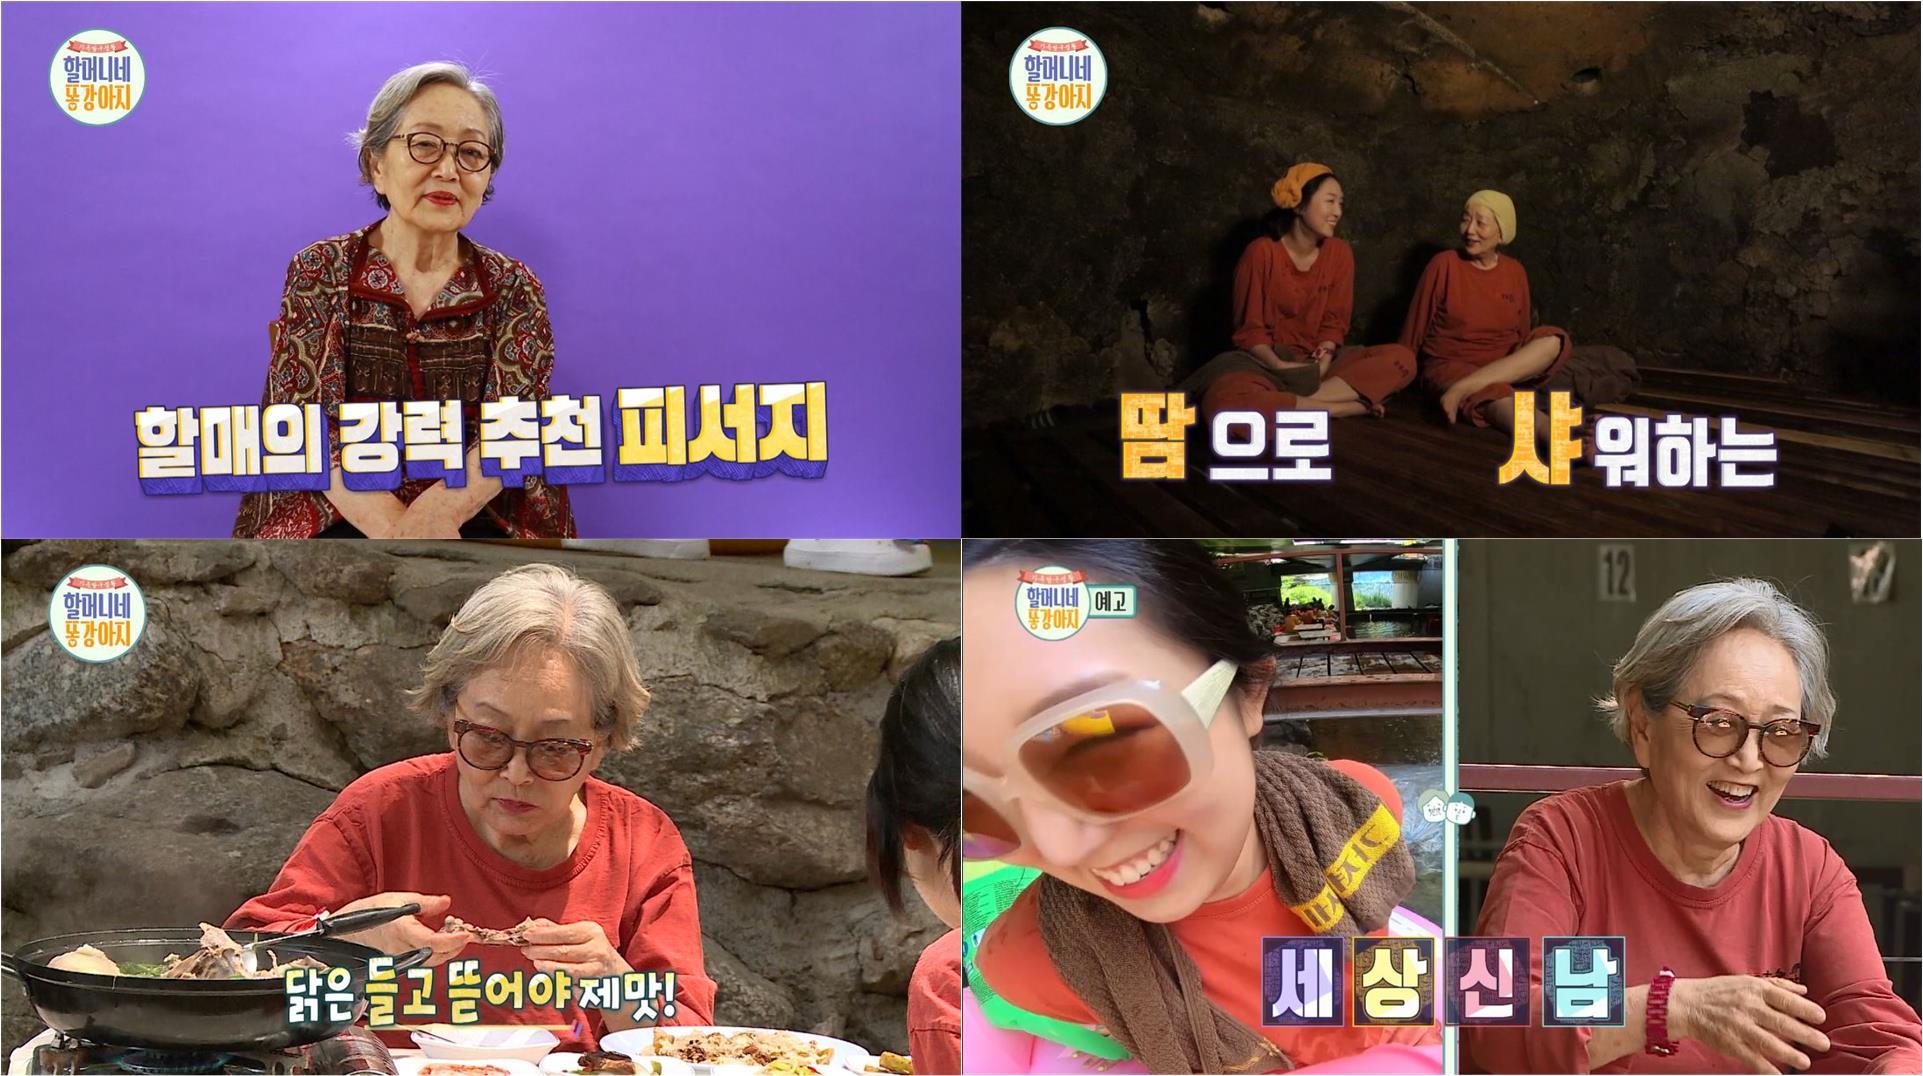 '국민할매' 김영옥의 야외 한증막 + 삼계탕 무더위 해소법에 손녀는 당황